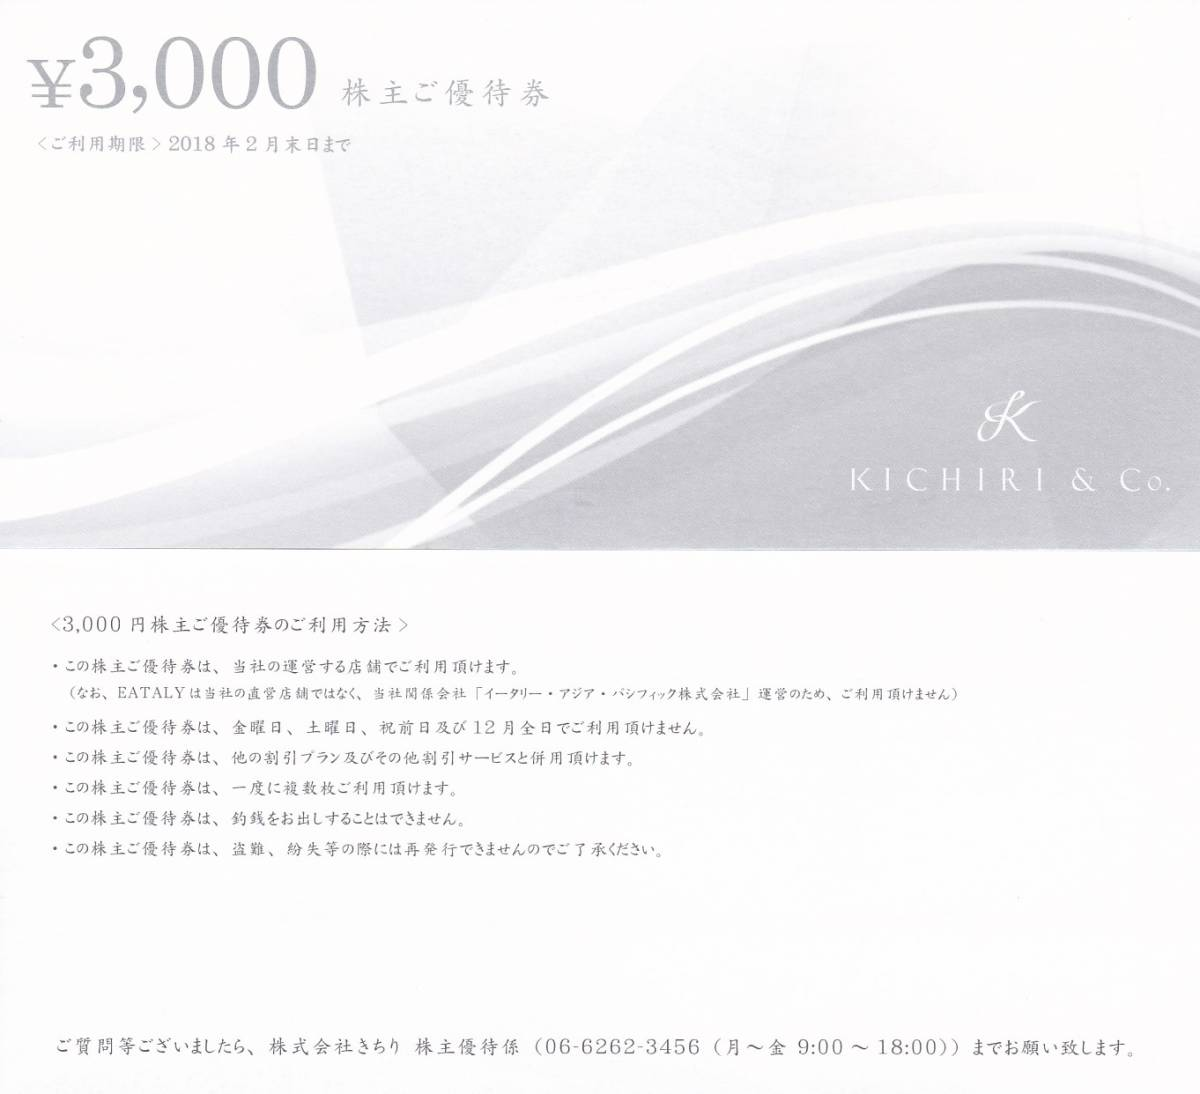 ★きちり★株主優待券【3000円券】x5枚迄★送料込